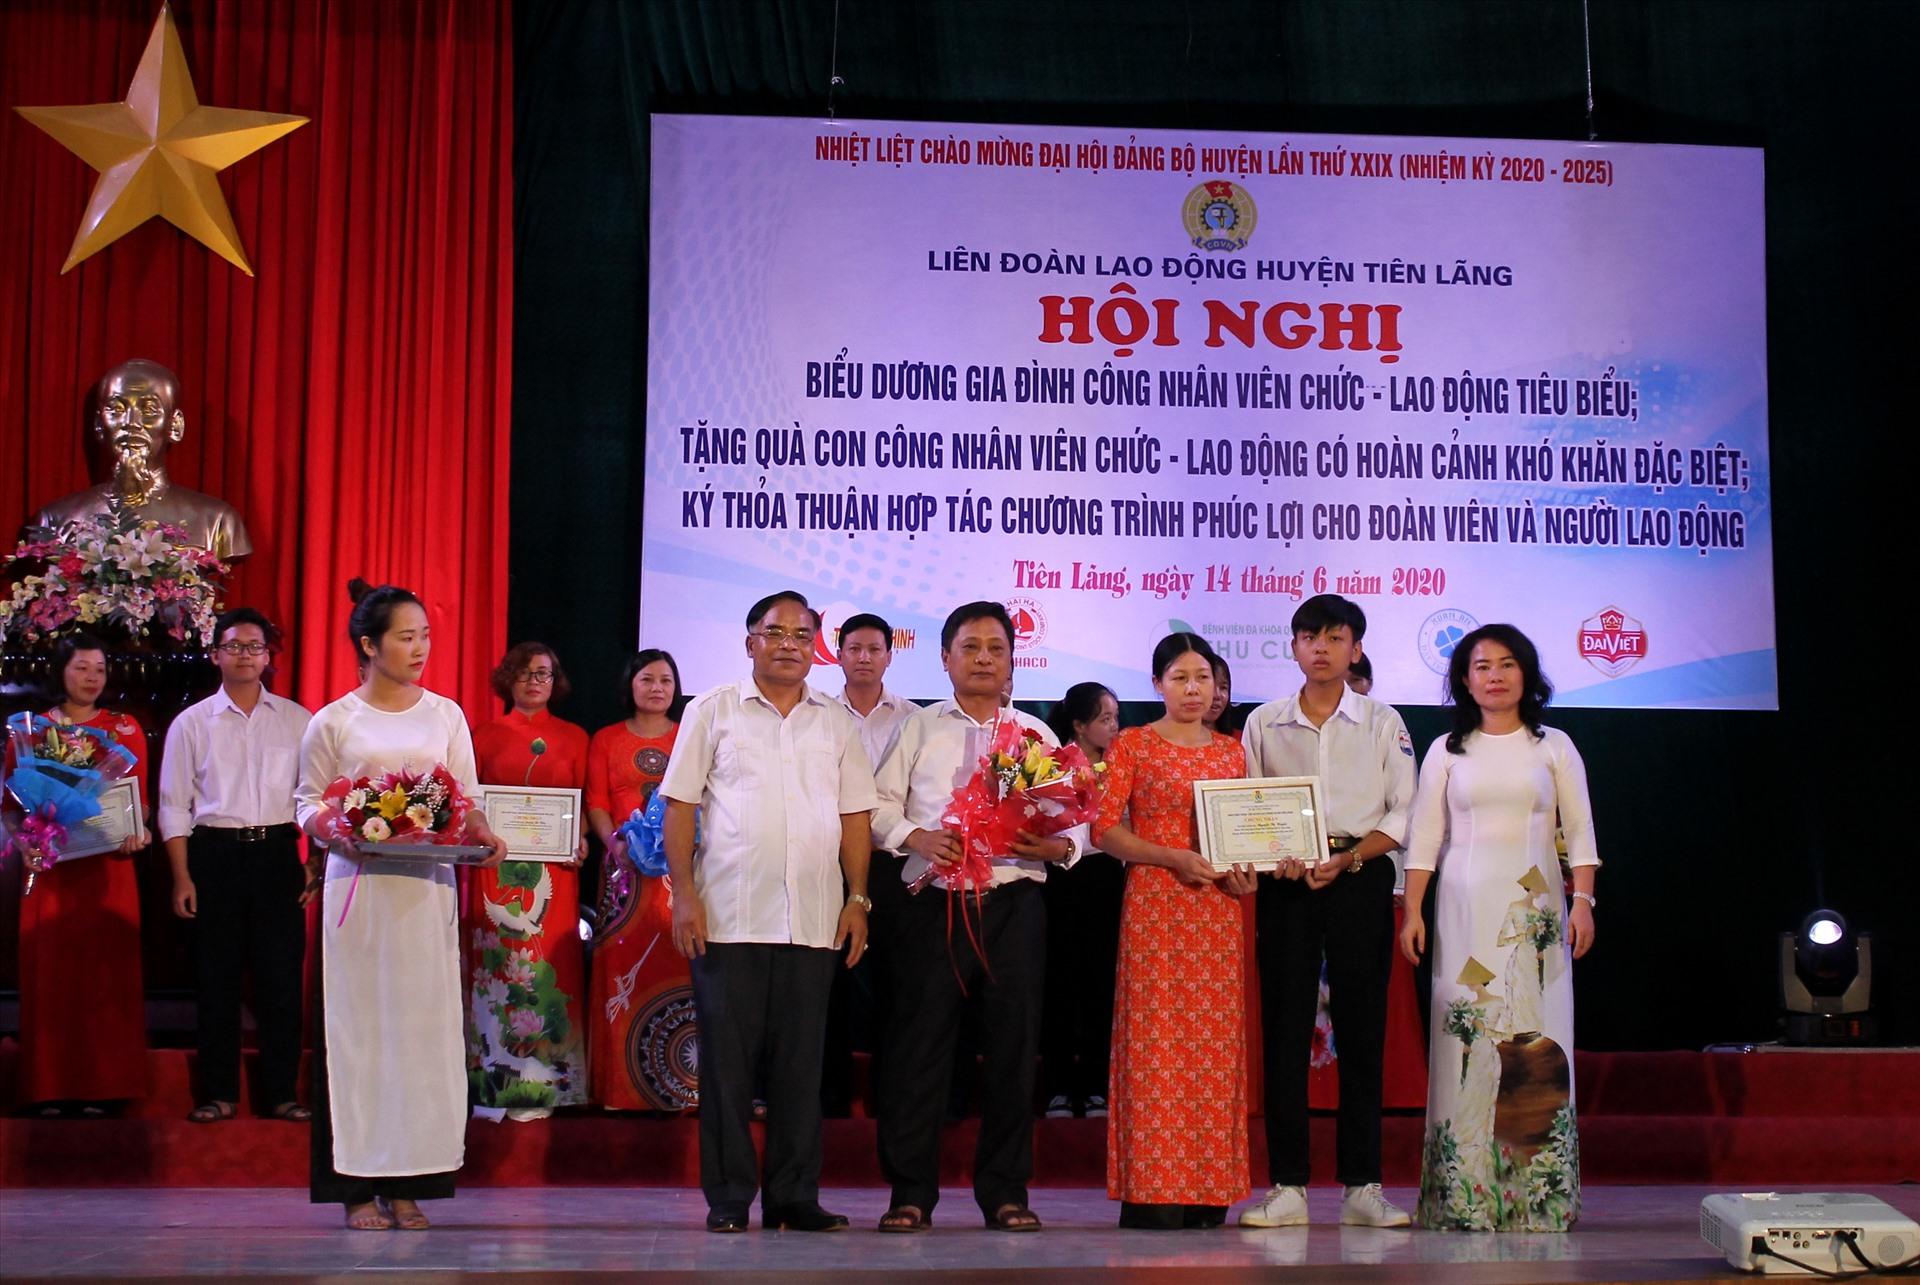 LĐLĐ huyện Tiên Lãng biểu dương gia đình CNVCLĐ tiêu biểu 2019. Ảnh MD